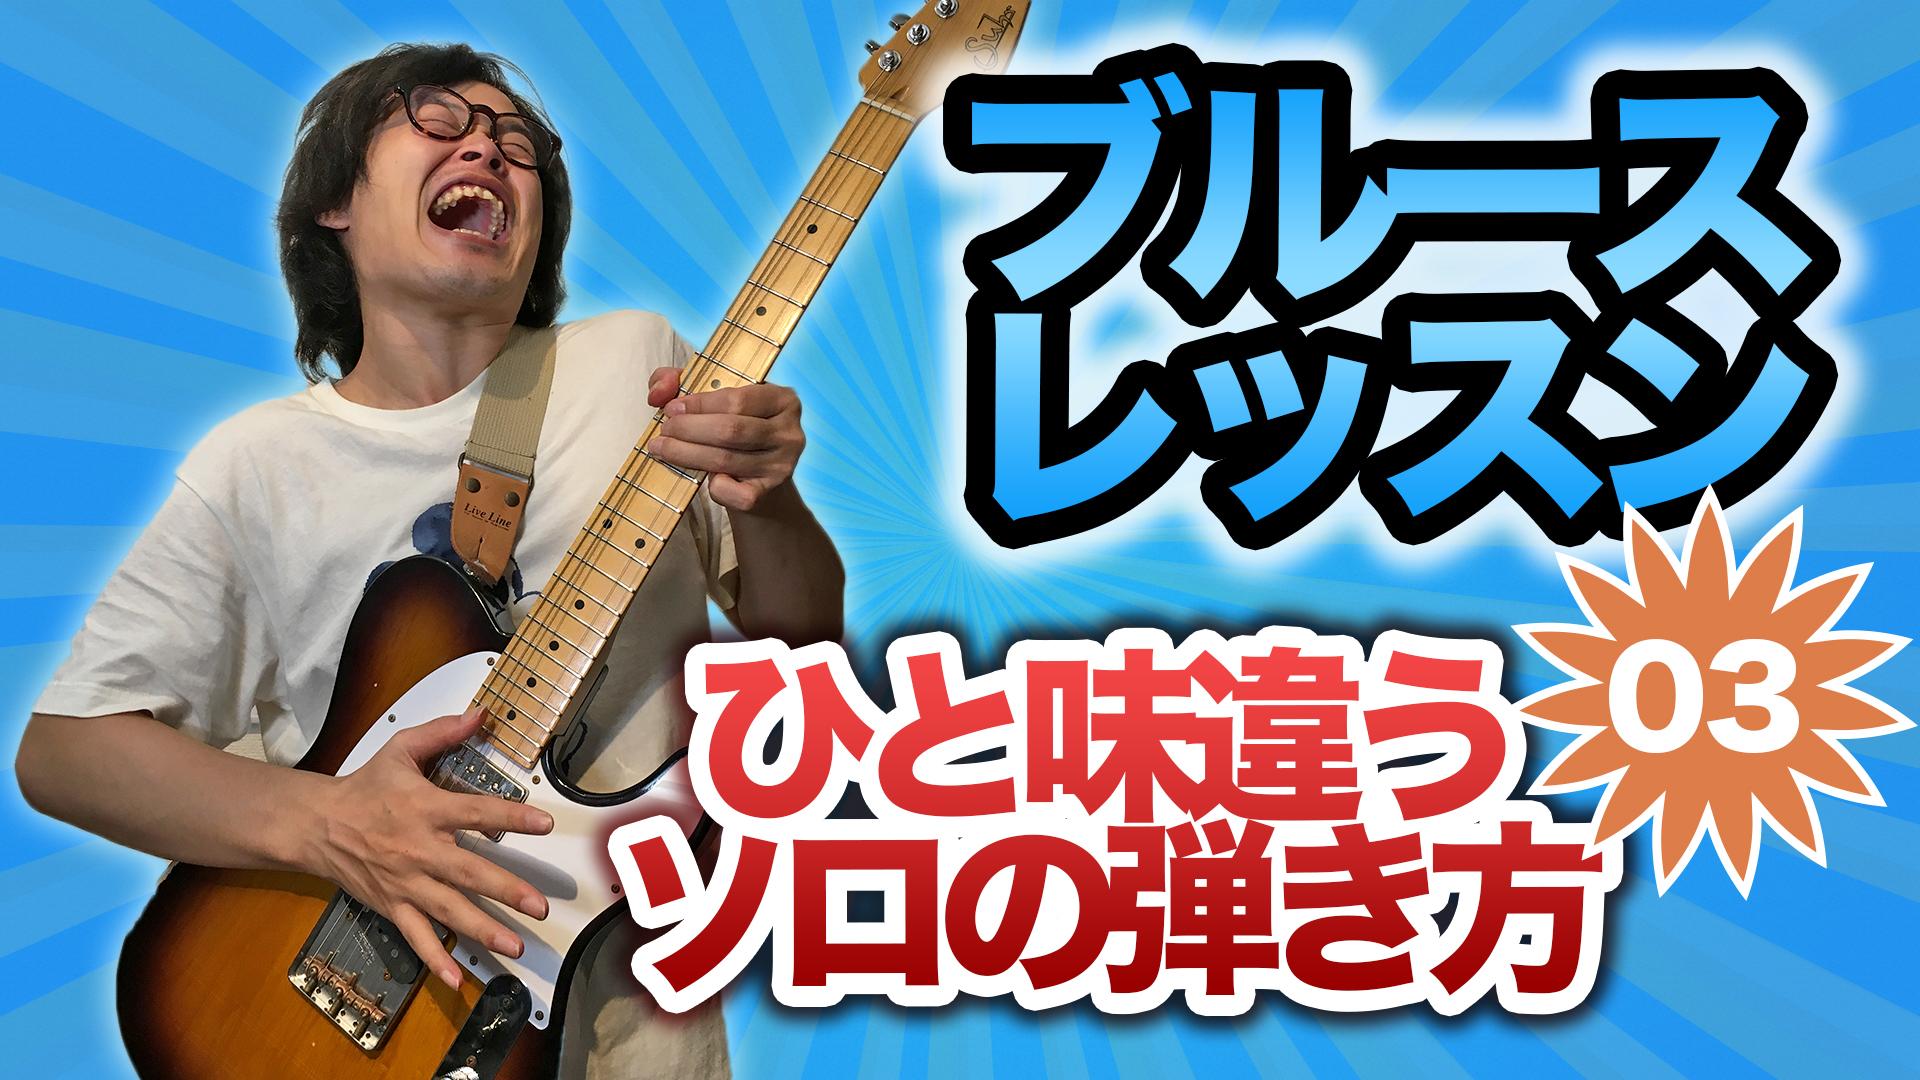 ブルースギター講座#3『ギターソロをカッコよく弾こう! 』